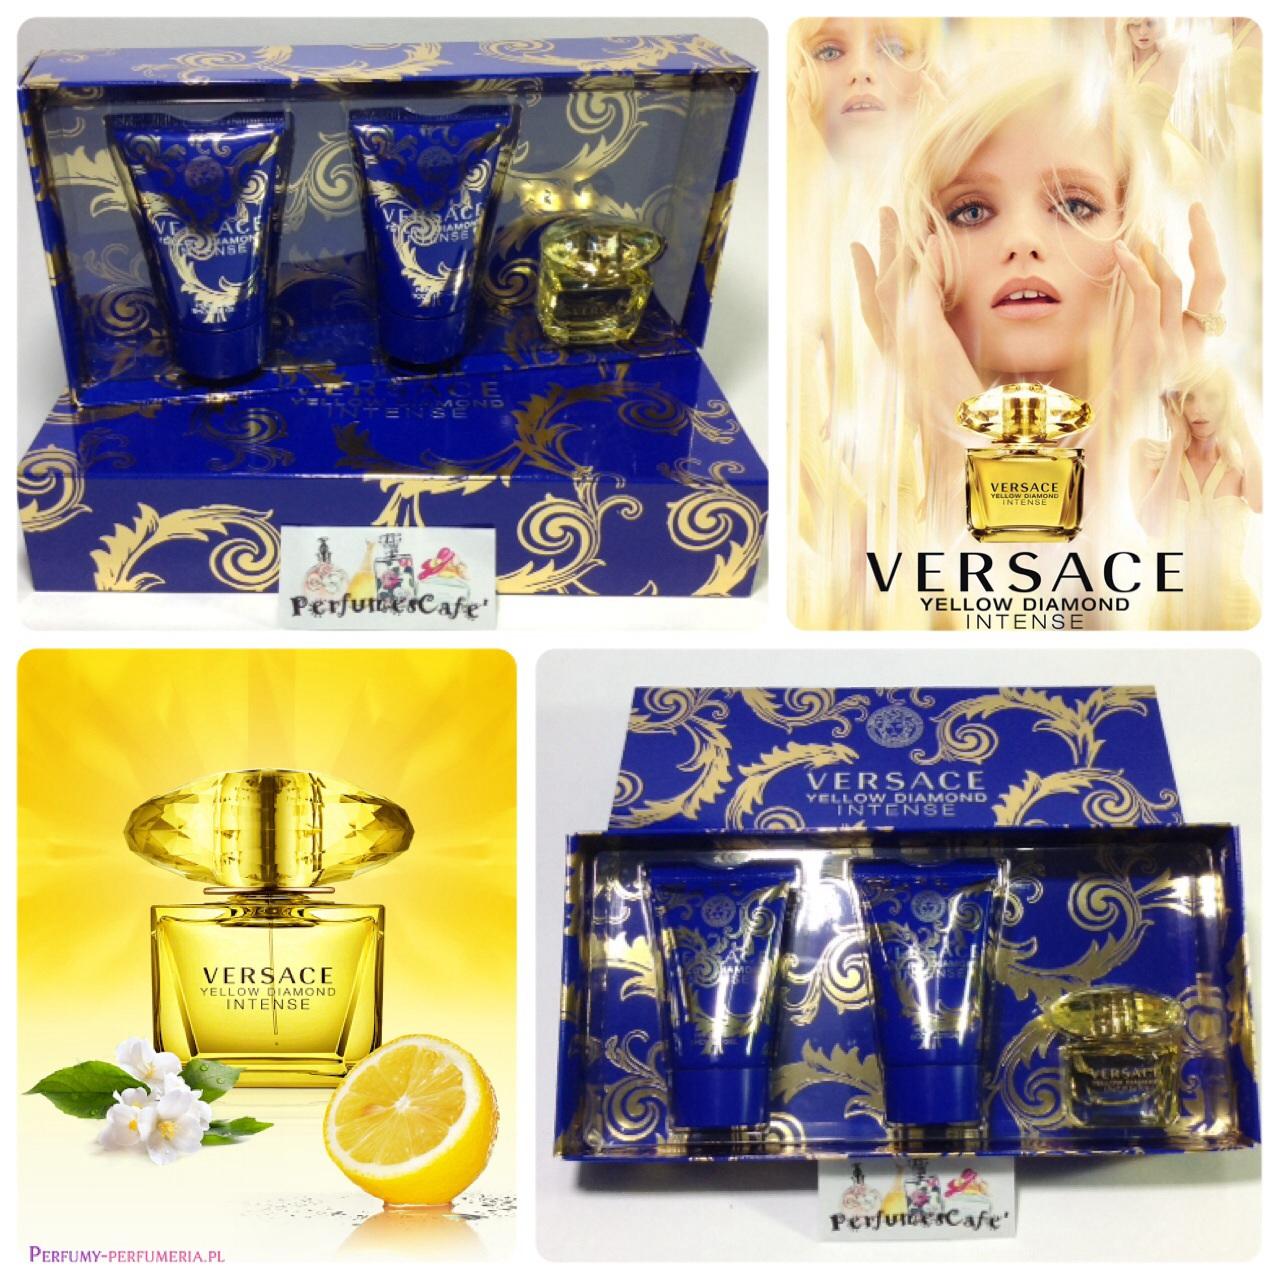 เซทมินิ Versace Yellow Diamond Intense ราคาน่ารักๆ กับกลิ่นสวยๆ